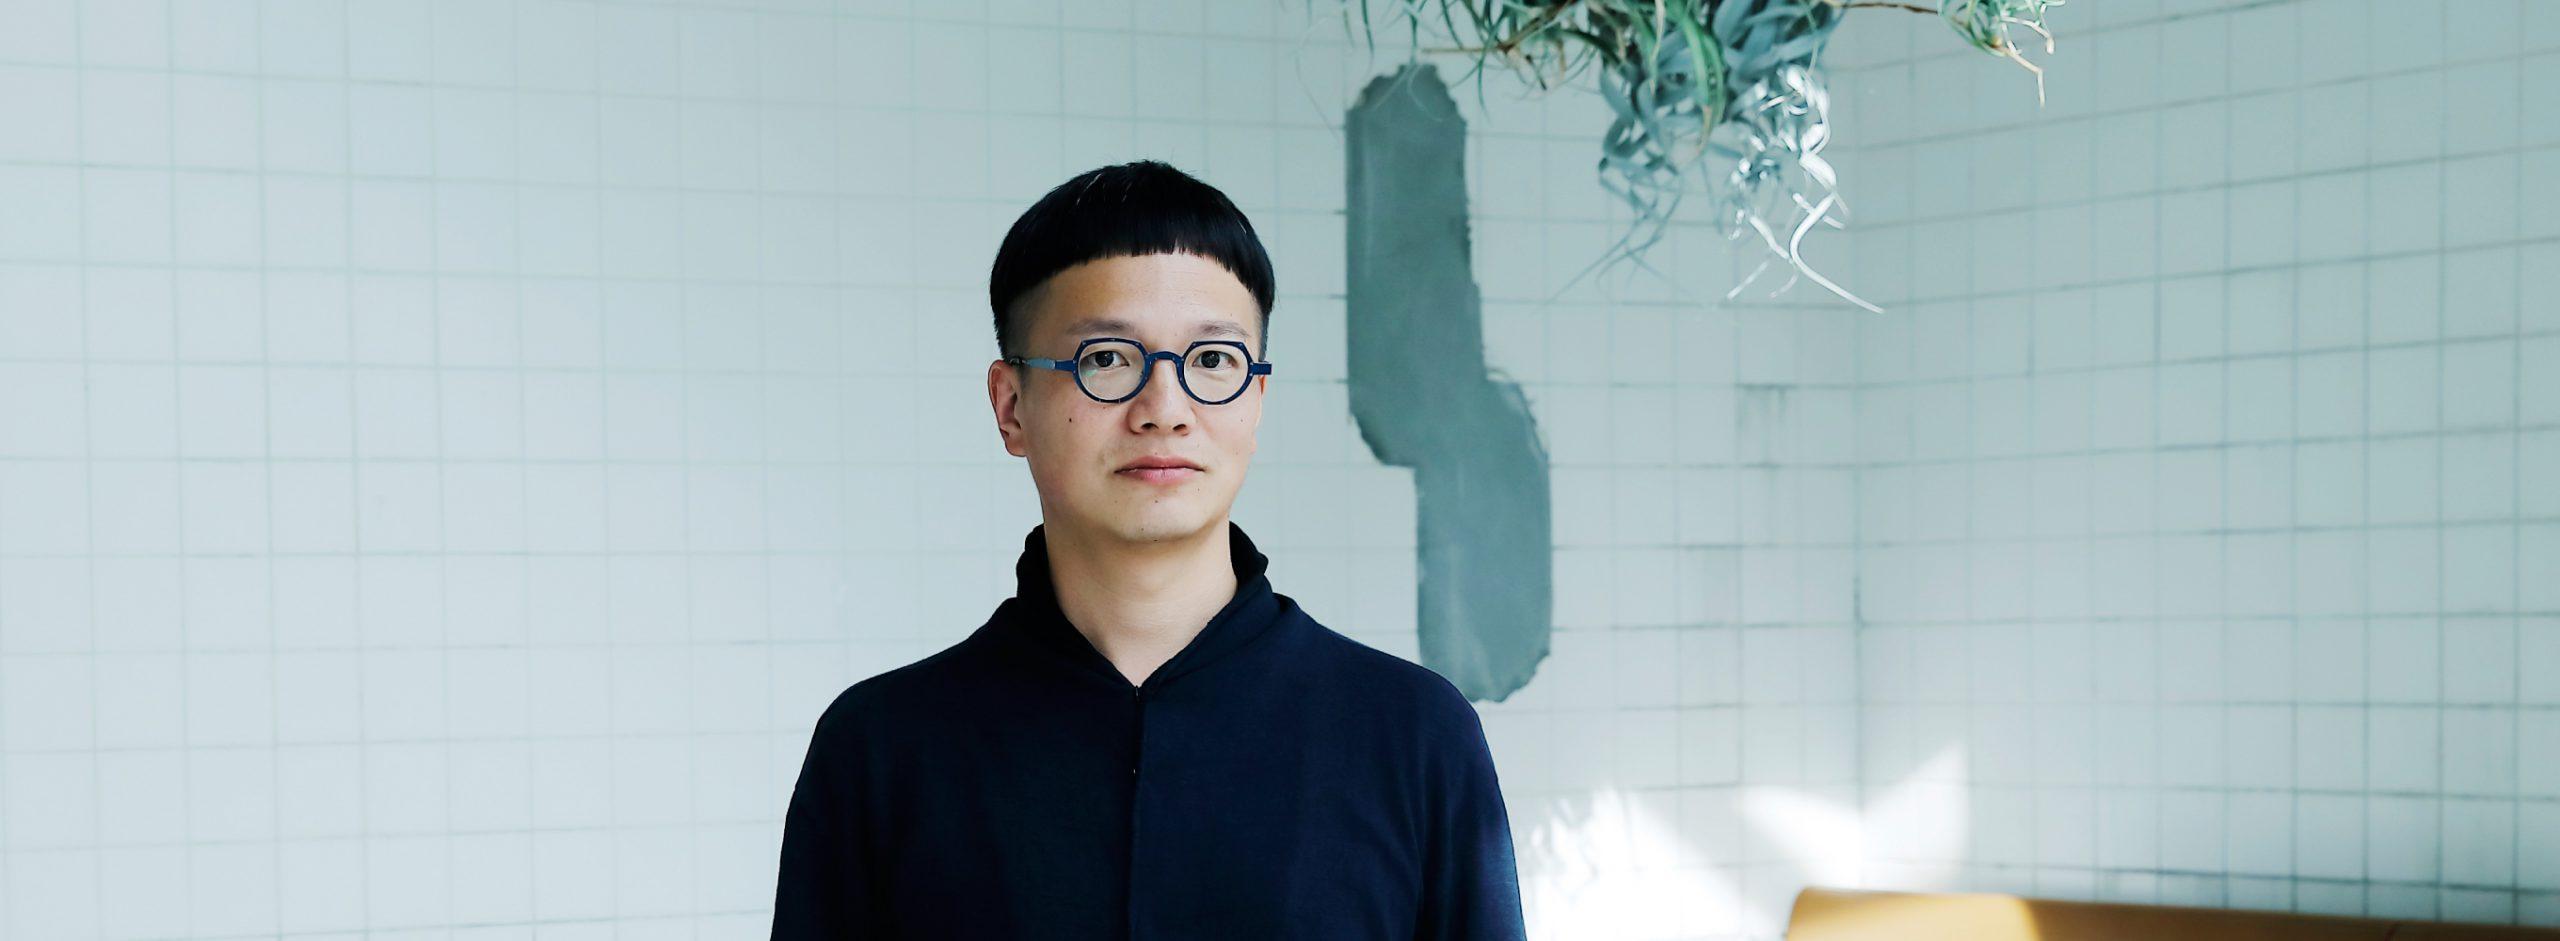 ウッドヴィル麻布 新コンセプトルーム  インタビュー<br>第3回 素描家・shunshun氏